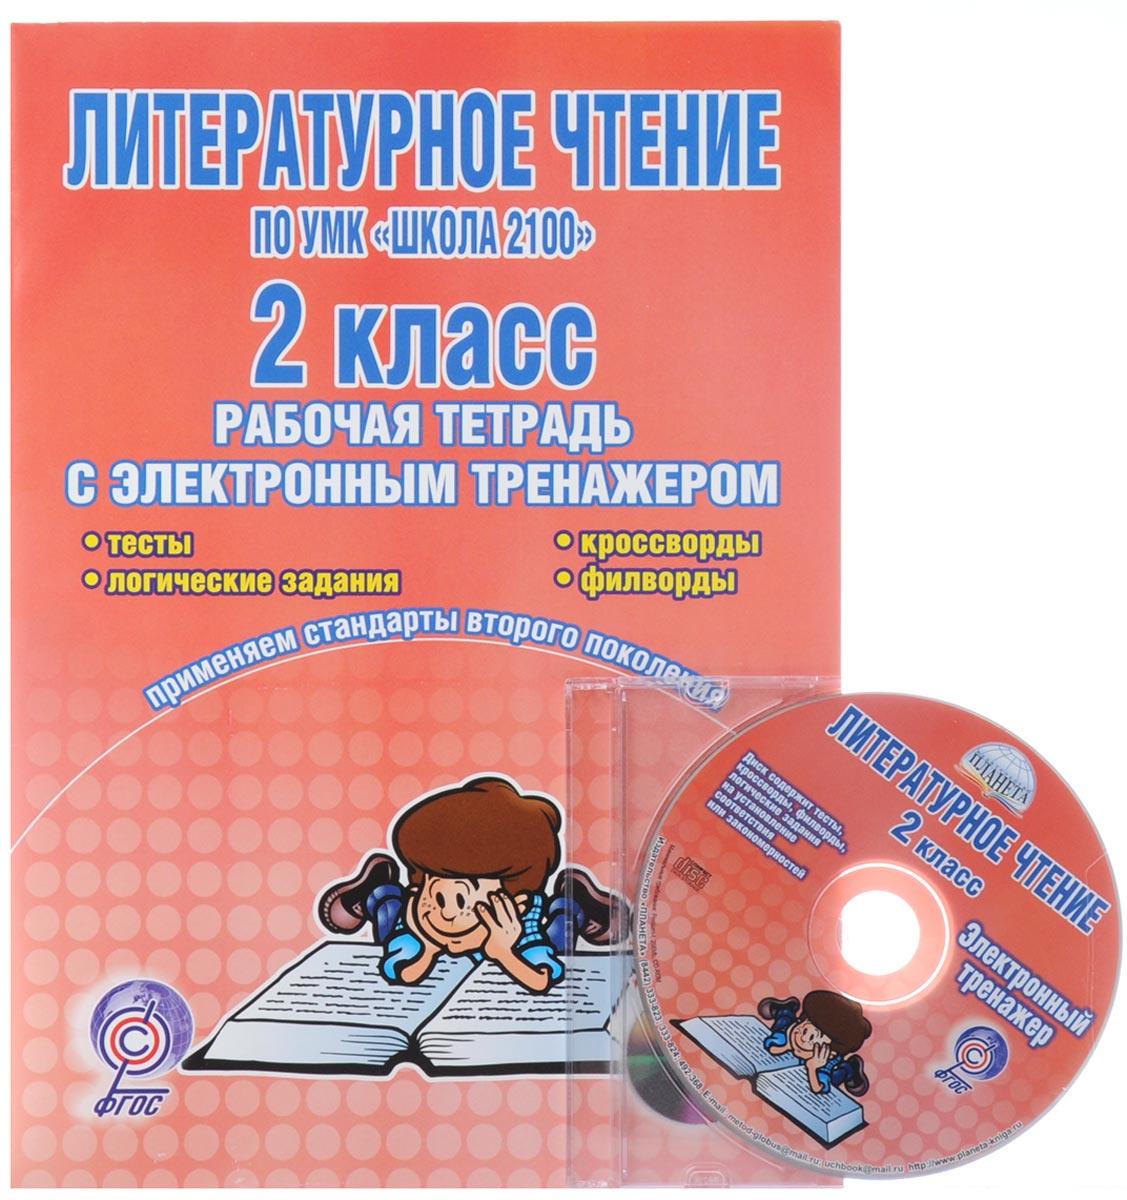 Литературное чтение. 2 класс. Рабочая тетрадь с электронным тренажером (+ CD-ROM)